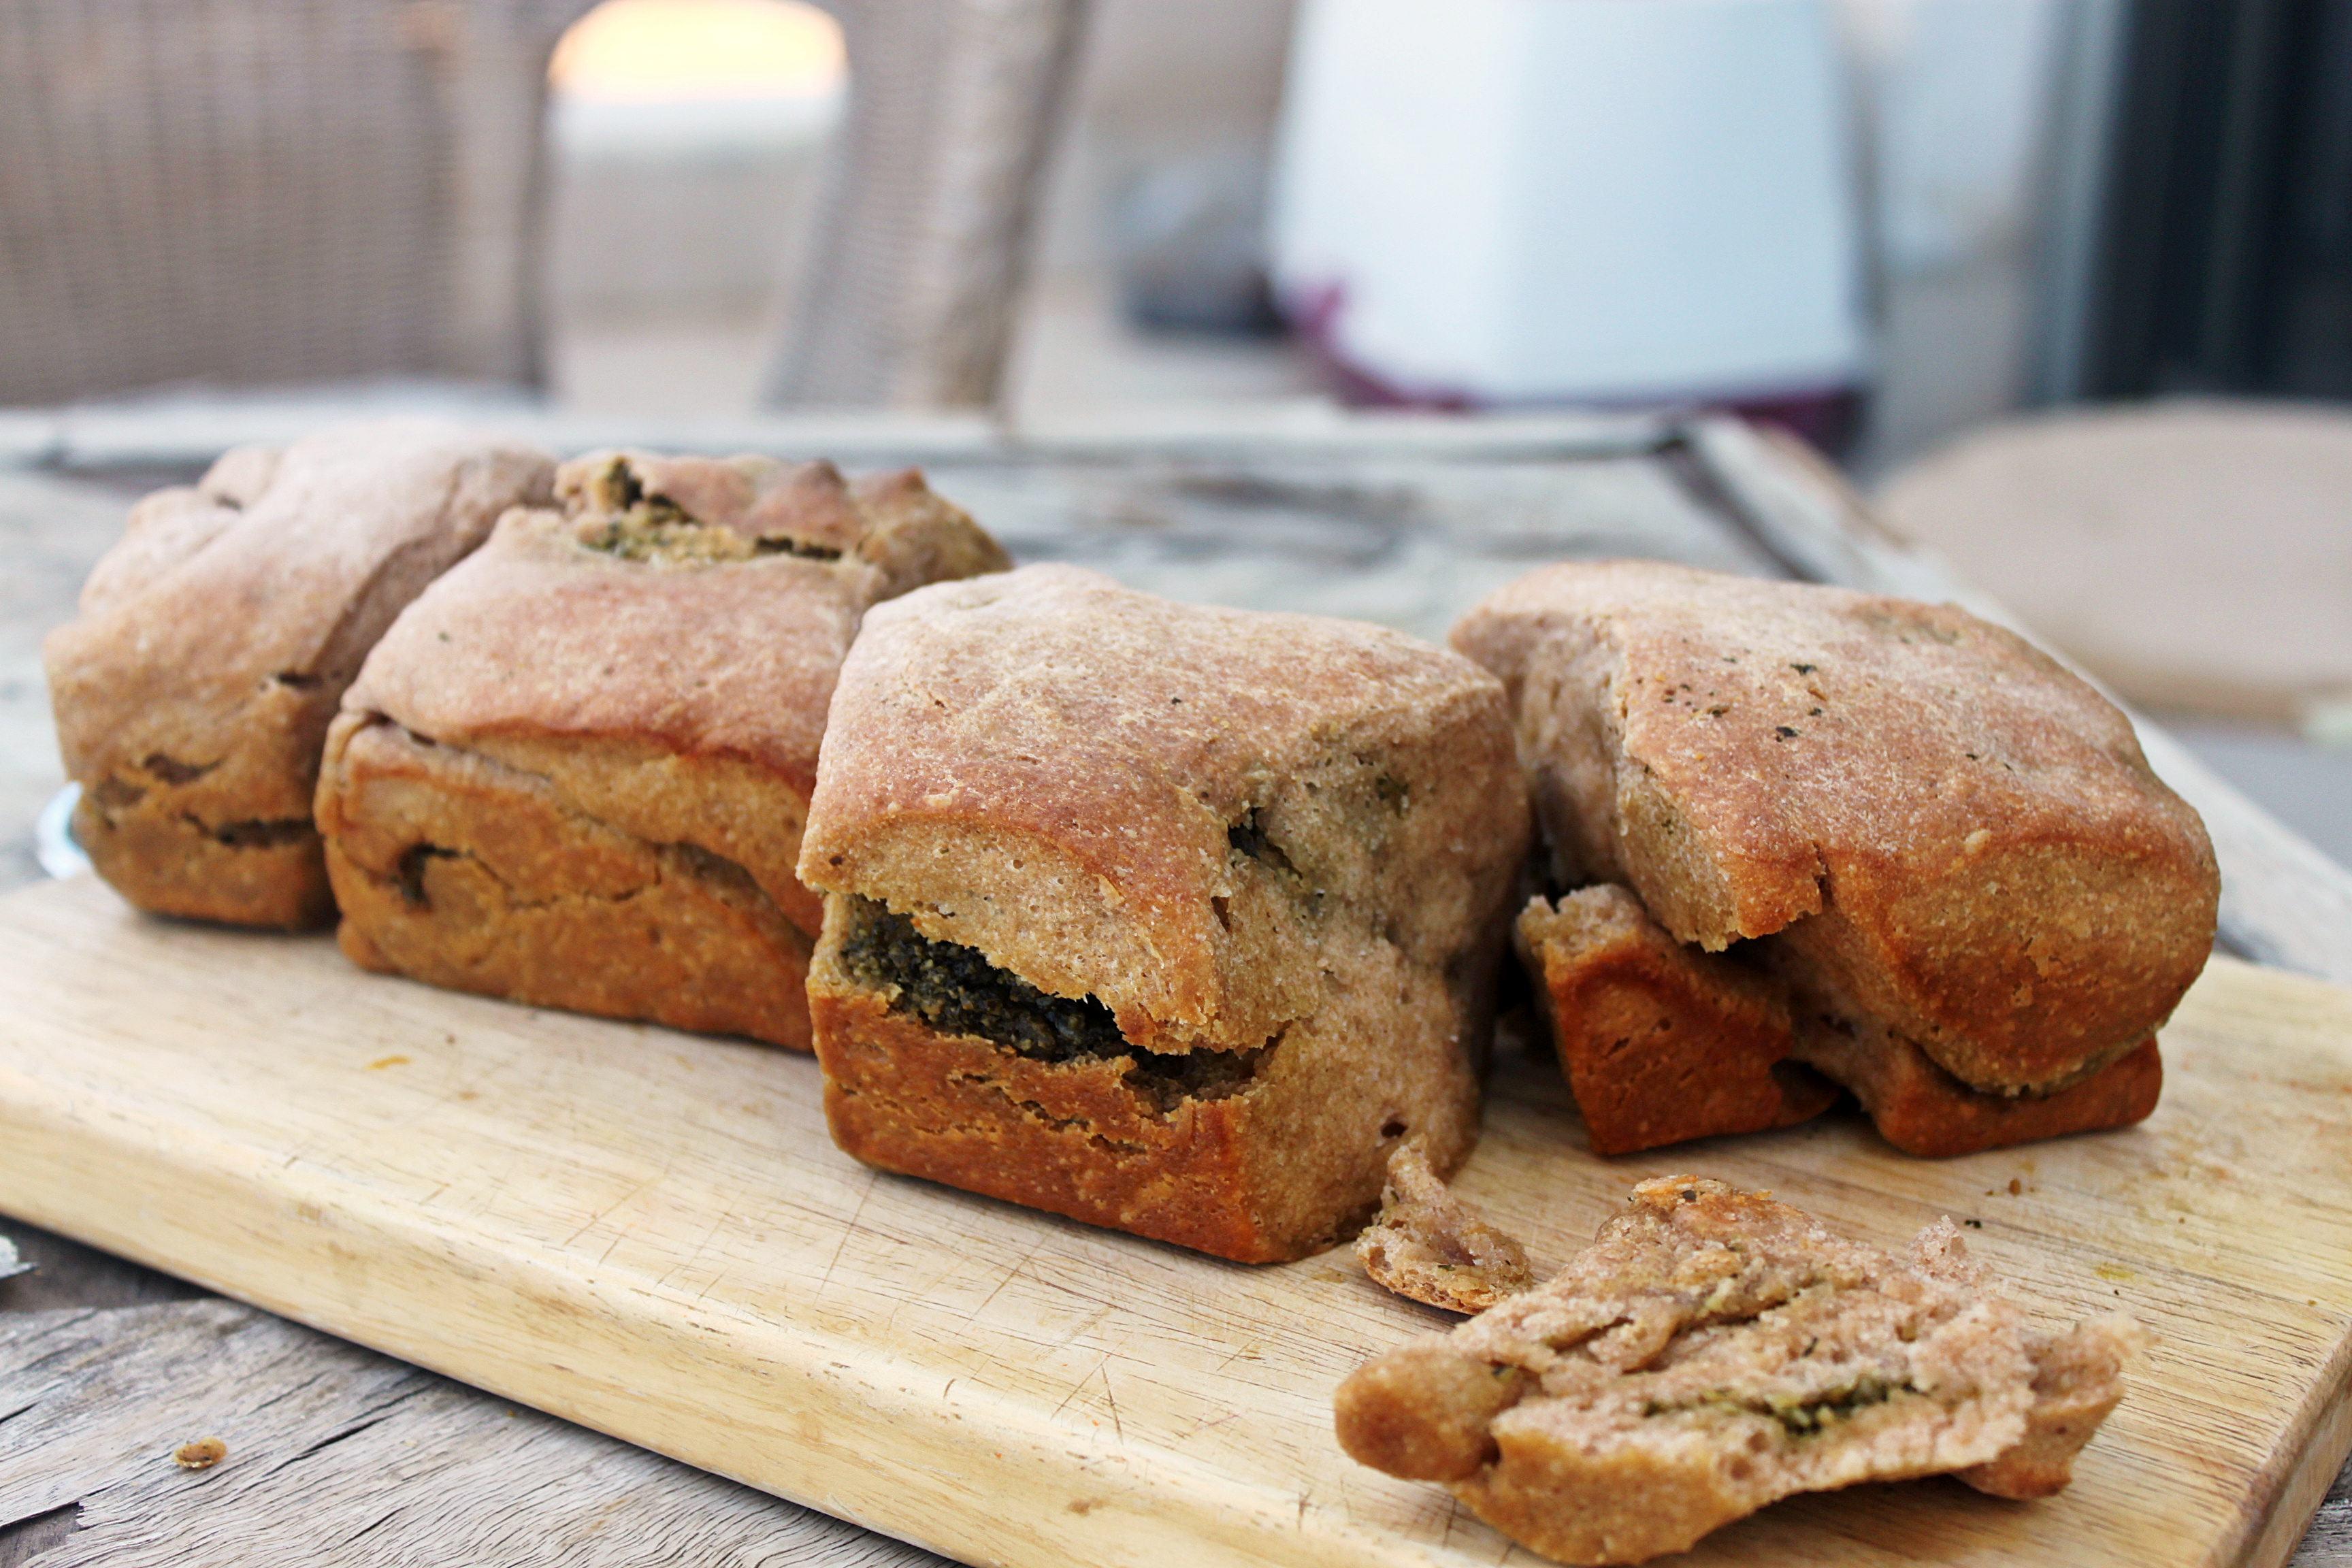 לחם כוסמין ללא שמרים בתוספת פסטו